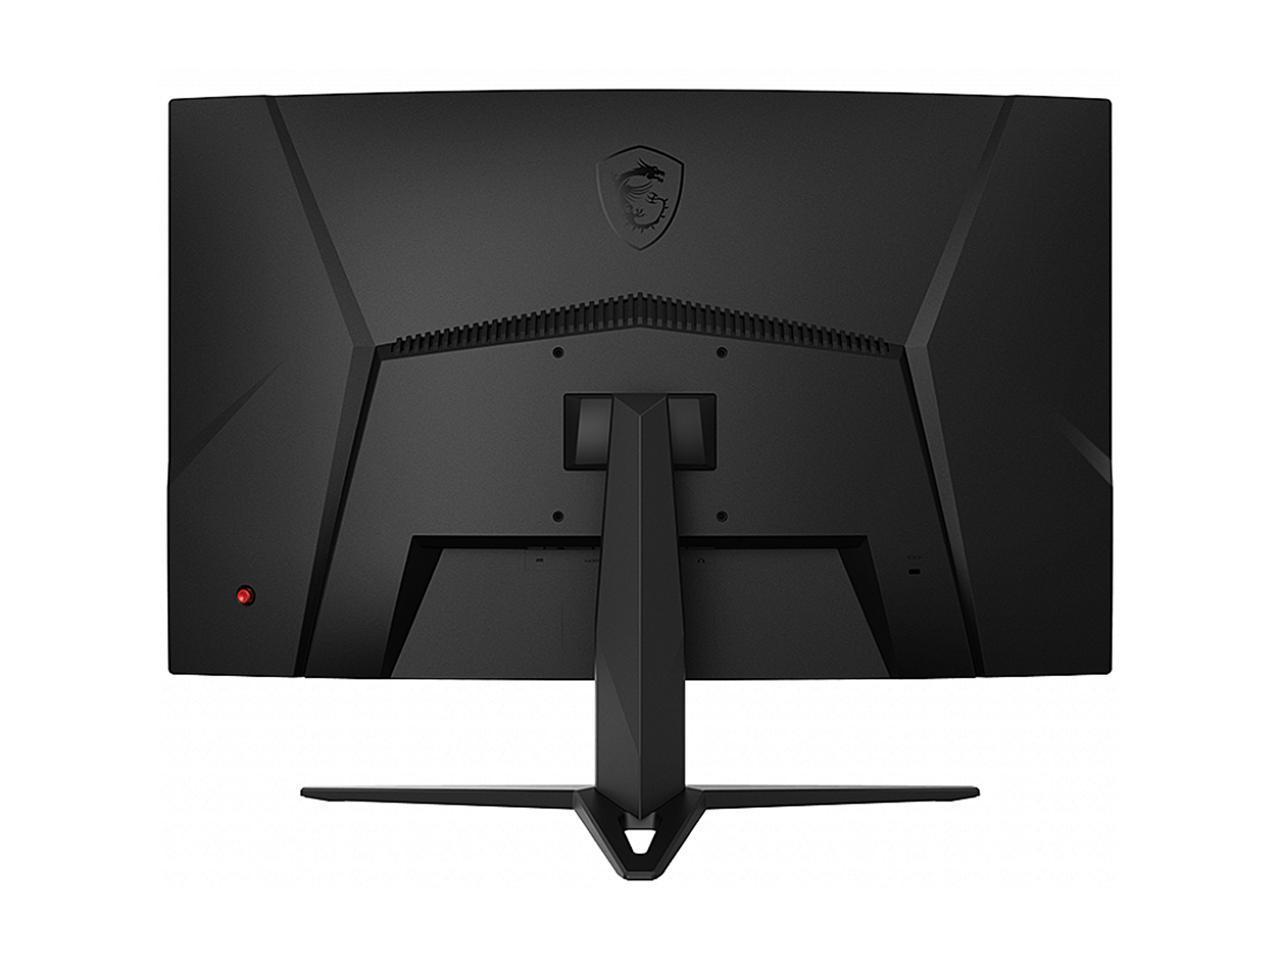 Купить 31.5 Монитор MSI Optix G32C4 в интернет магазине